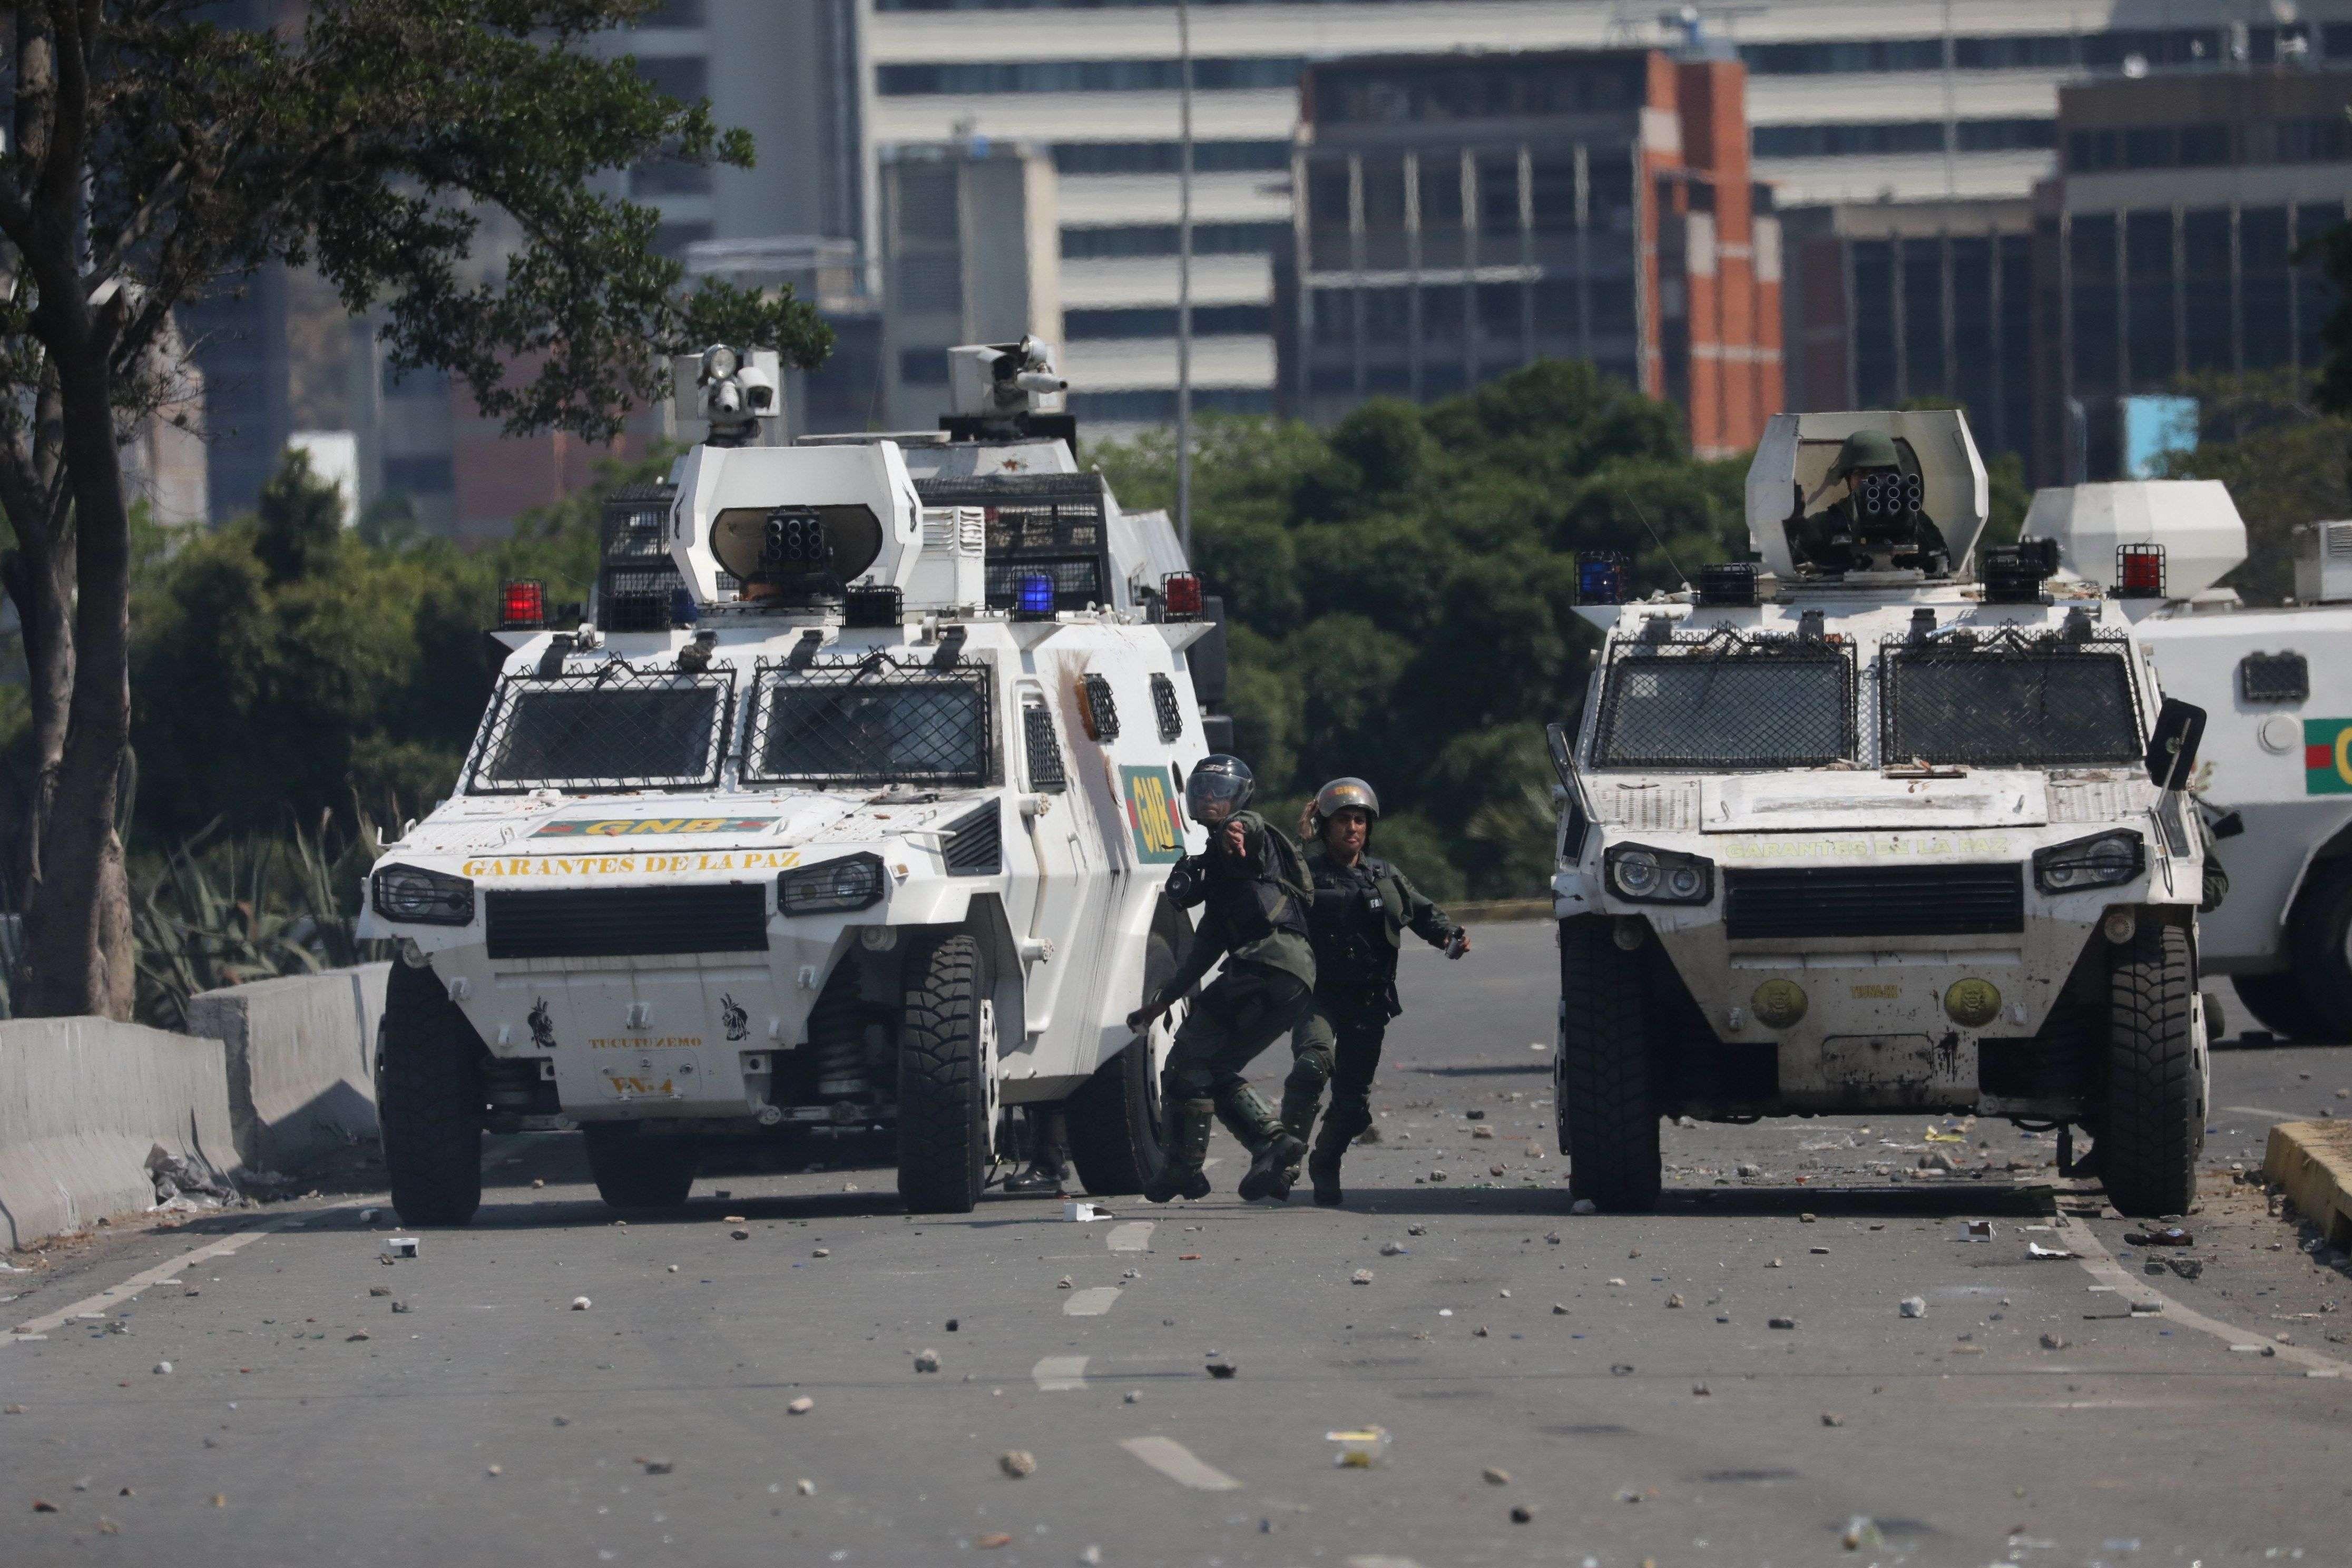 Unos 24 militares y unos dirigentes de la oposición más extrema venezolana hicieron un llamado a golpe de Estado.